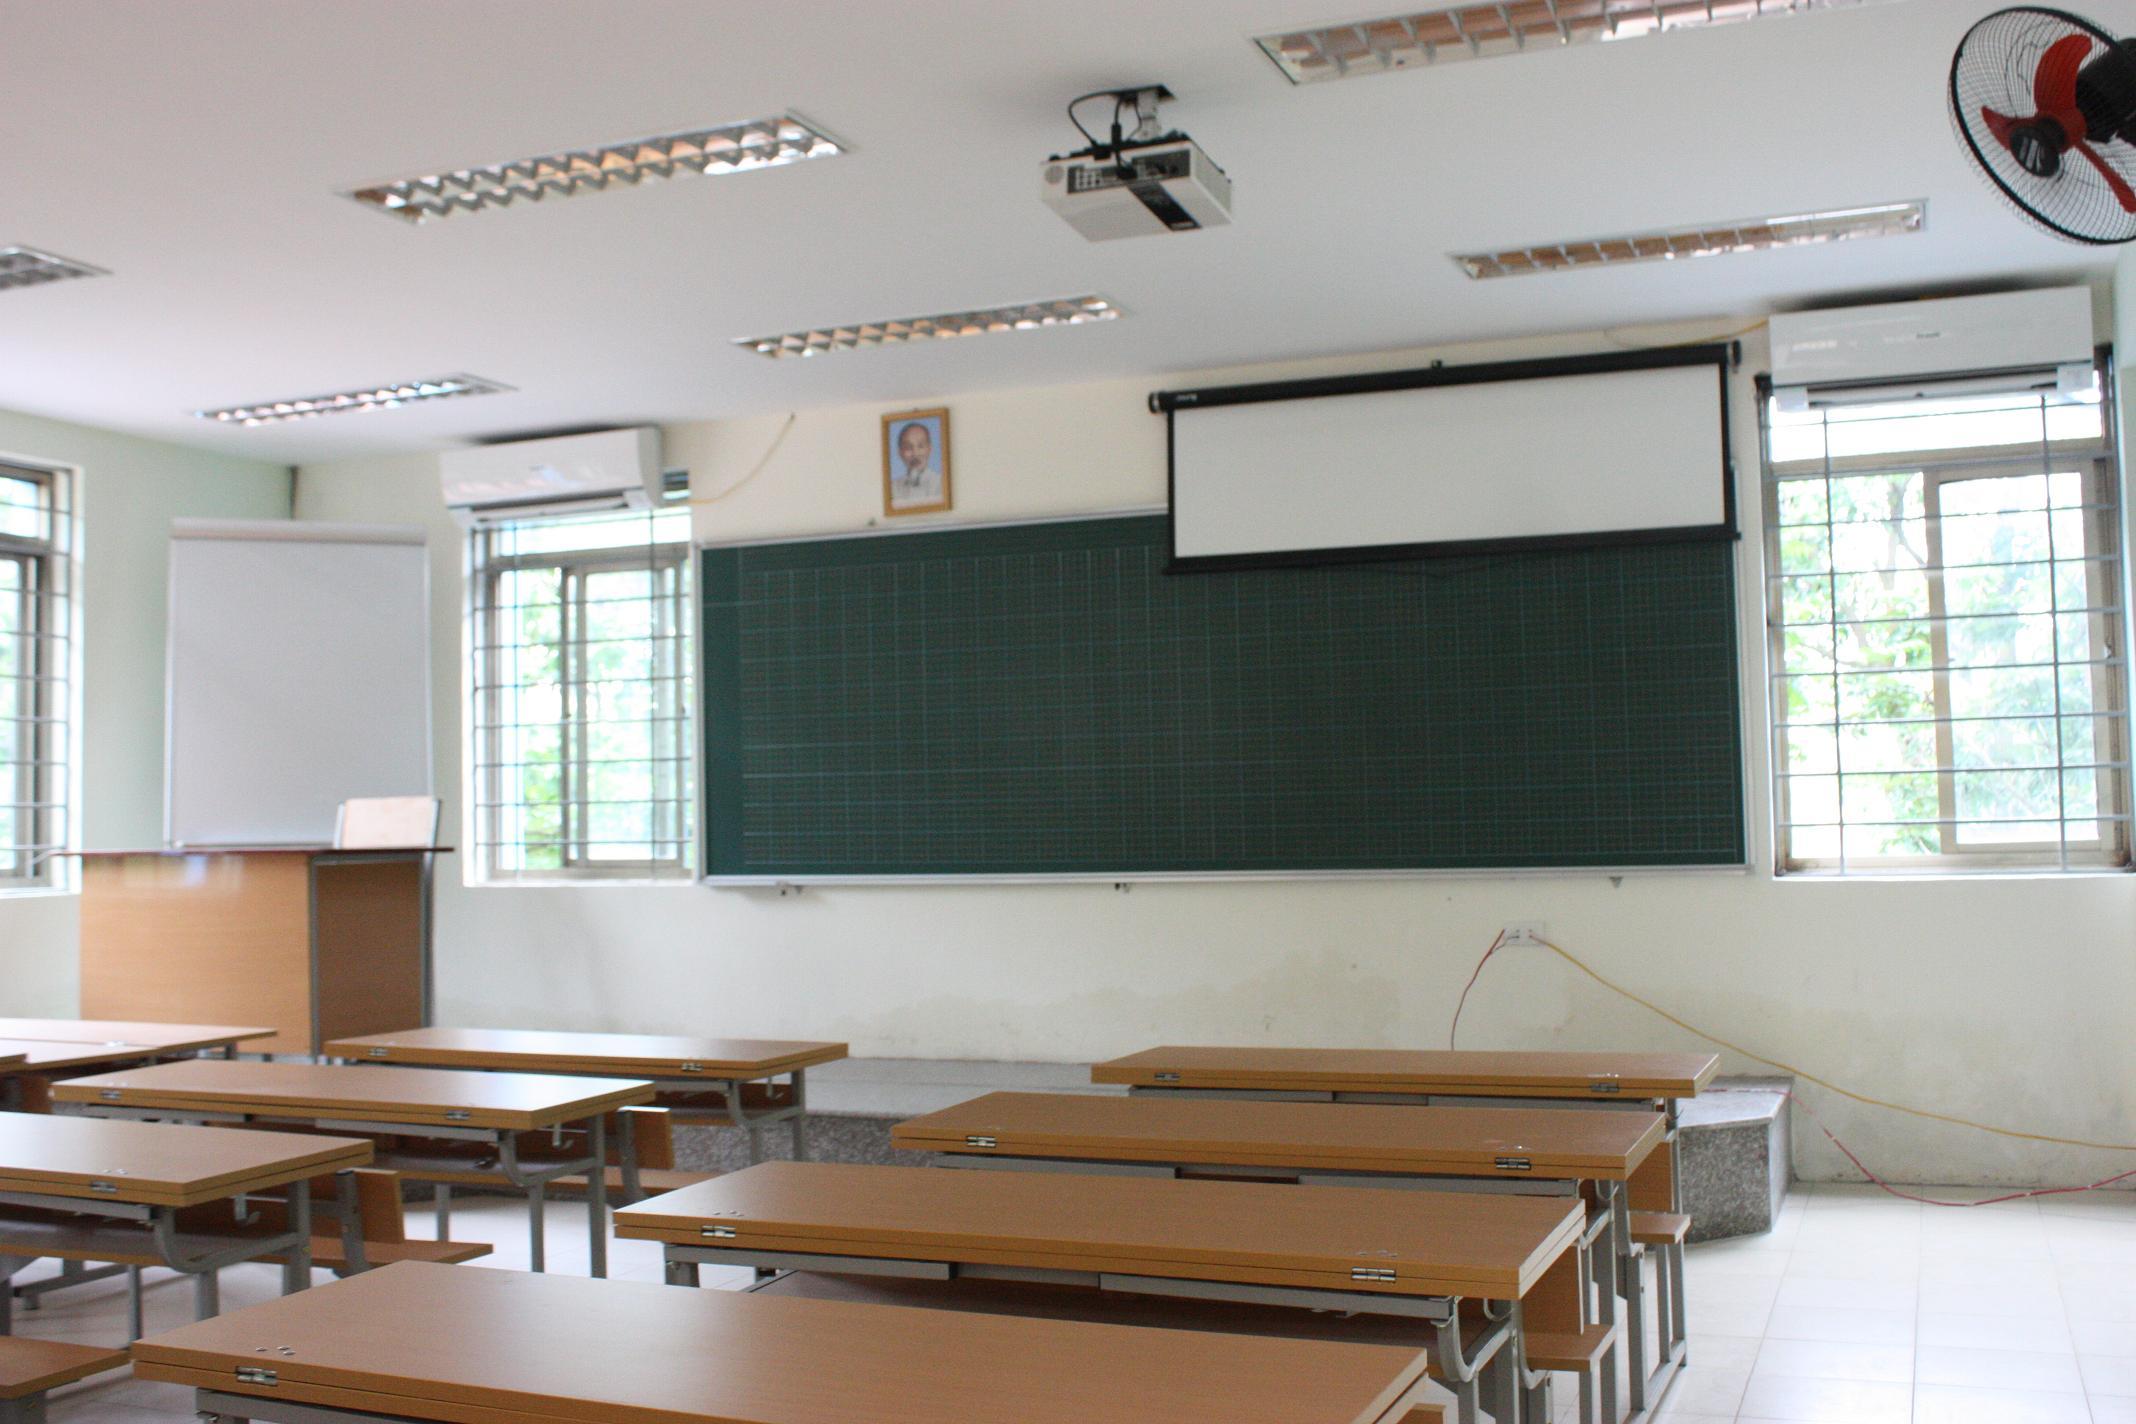 Hệ thống giáo dục Lômônôxốp